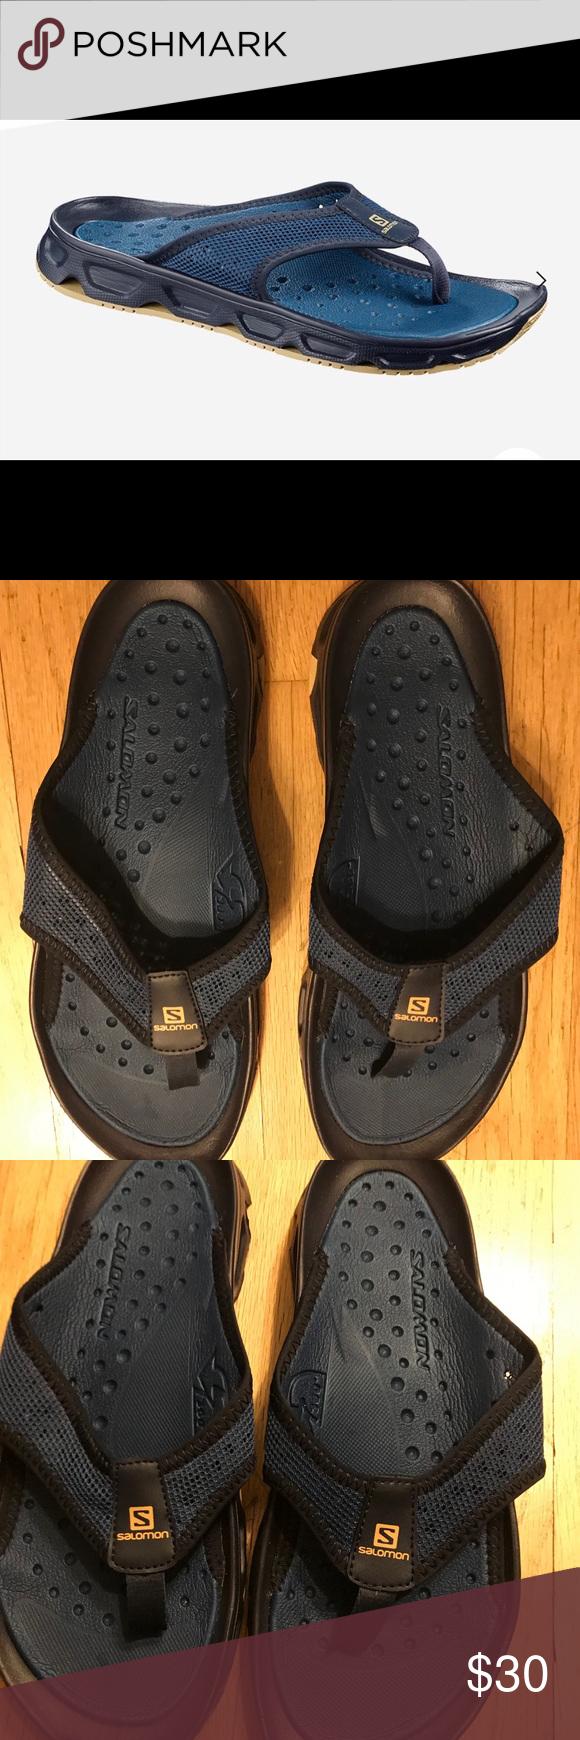 Salomon RX Break Men's Sandals Worn once, Men's Salomon RX